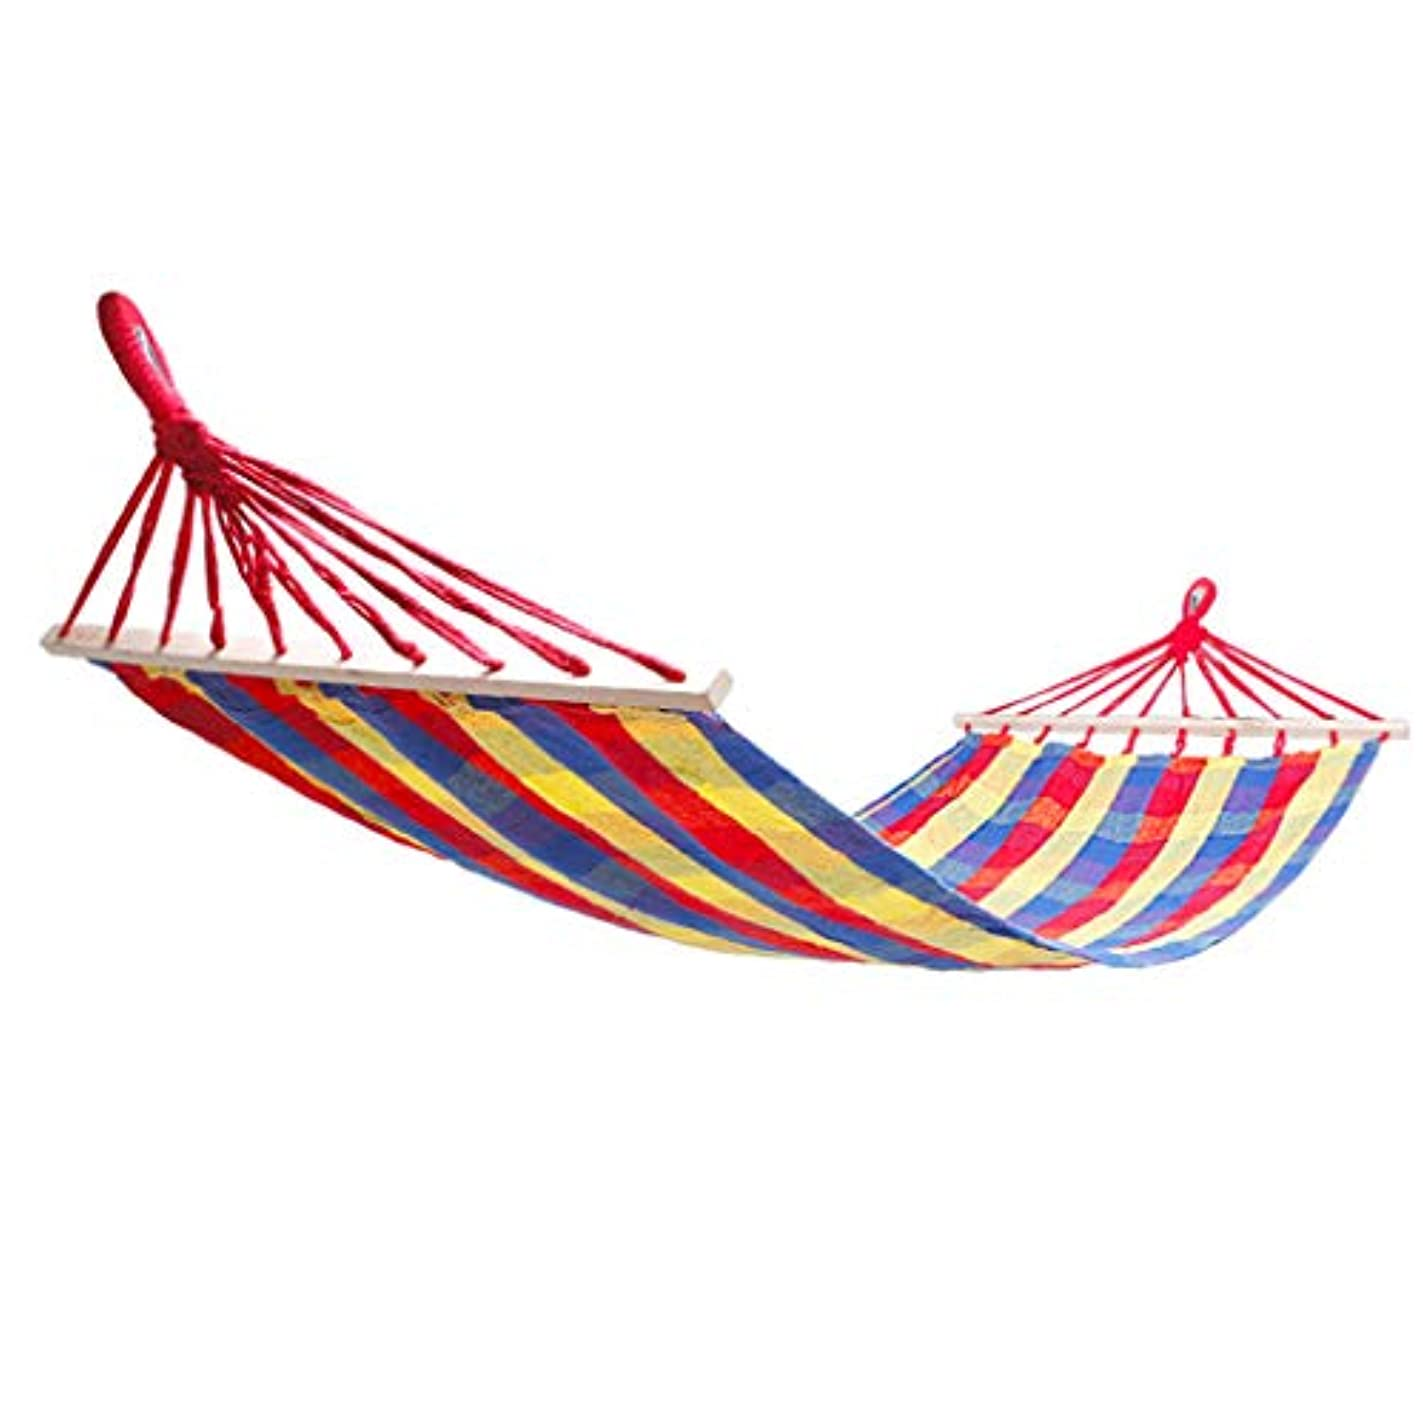 わずかなきらめく負屋外用木製ハンモック、スウィングキャンバスハンモック(幅広く厚く)、ロールオーバーしないで440ポンド - ビーチ、セルフドライブツアー、ピクニックバーベキュー、キャンプ、旅行